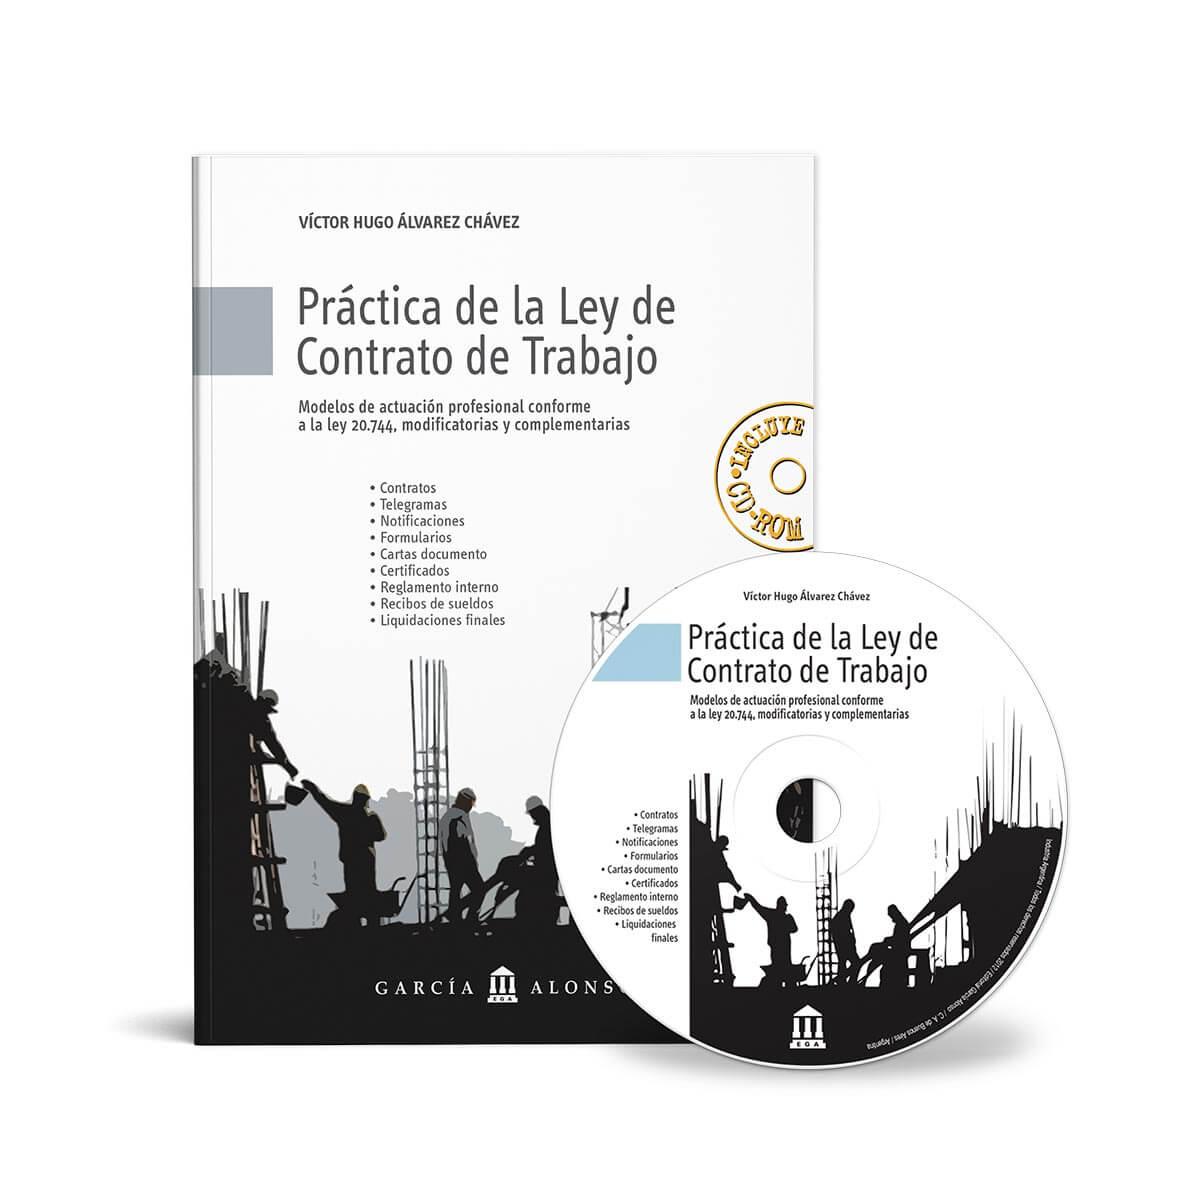 Práctica de la Ley de Contrato de Trabajo / Modelos de actuación laboral